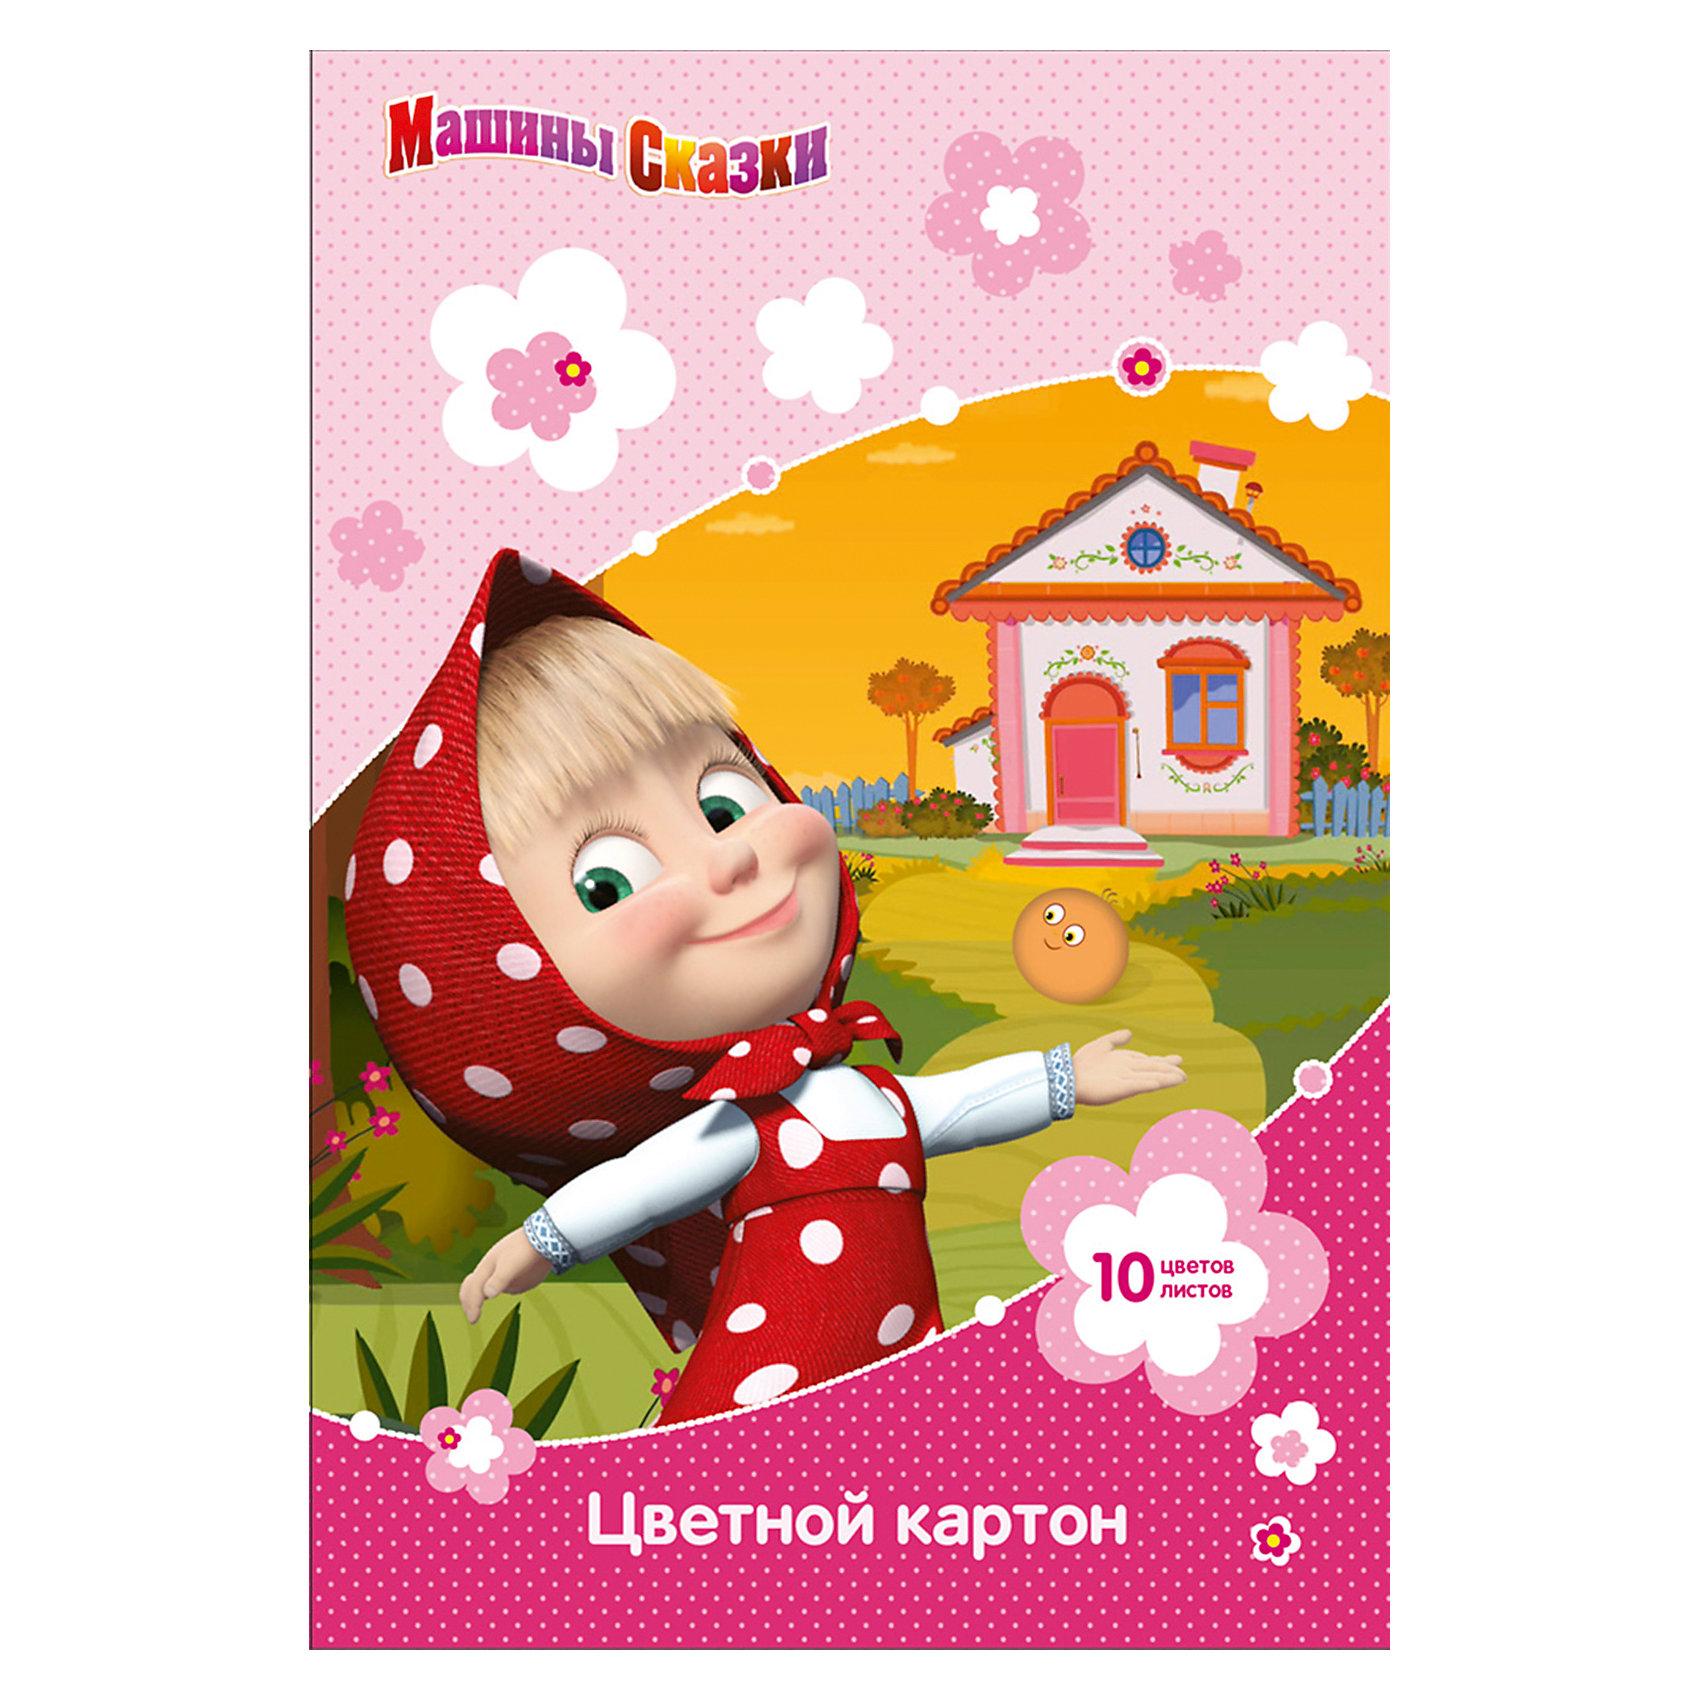 Росмэн Цветной картон Маша и Медведь, 10 листов, 10 цветов росмэн толстые маша и медведь 6 цветов